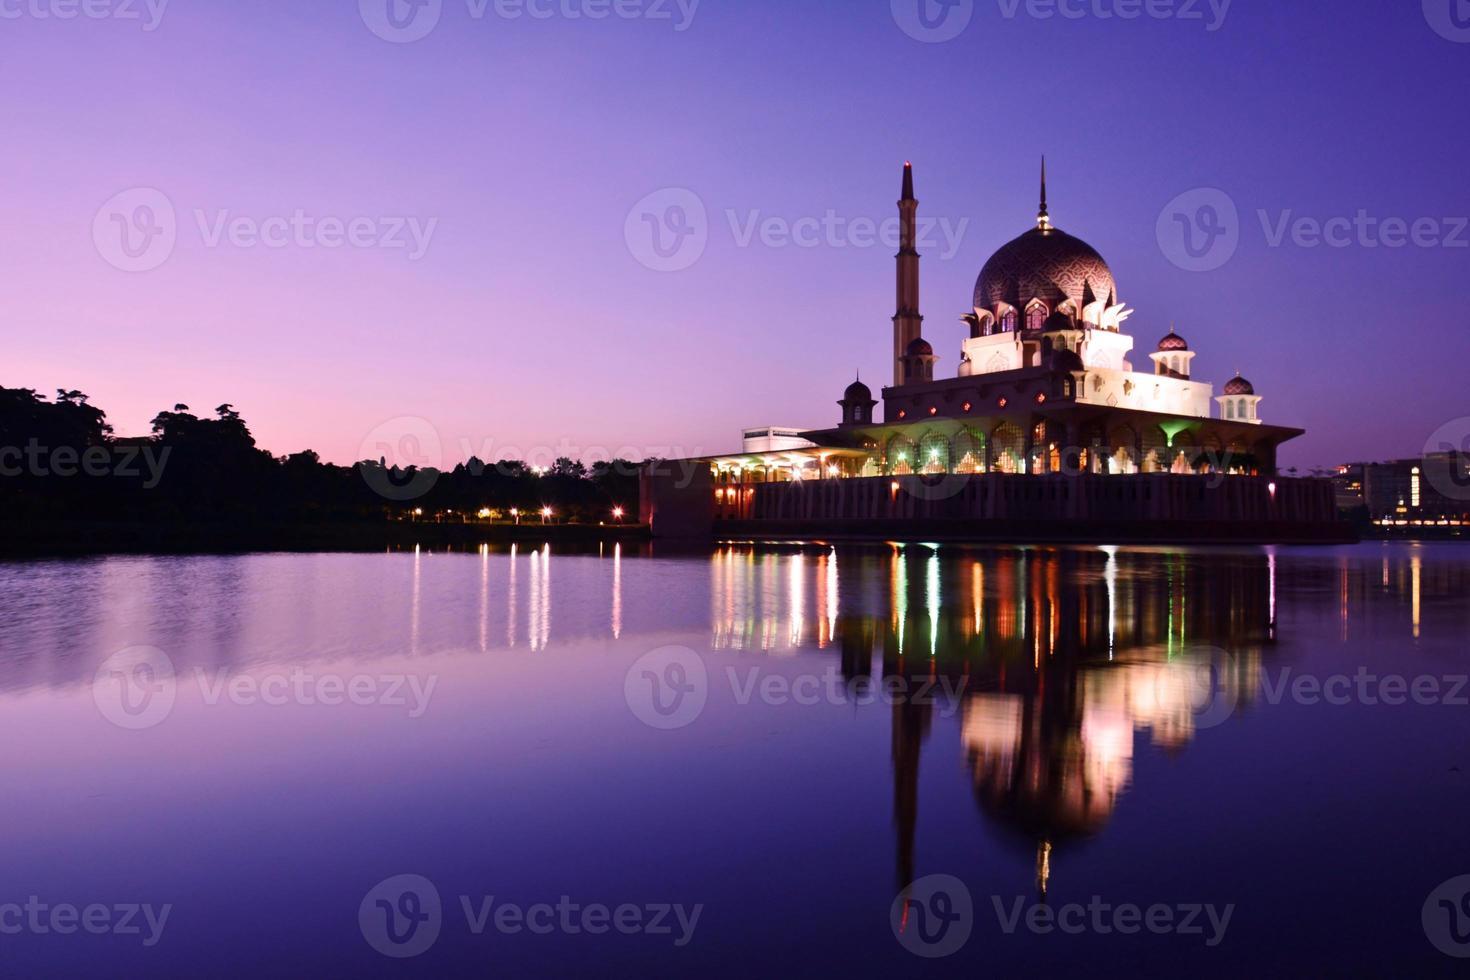 putra moské, putrajaya, malaysia före soluppgången. foto